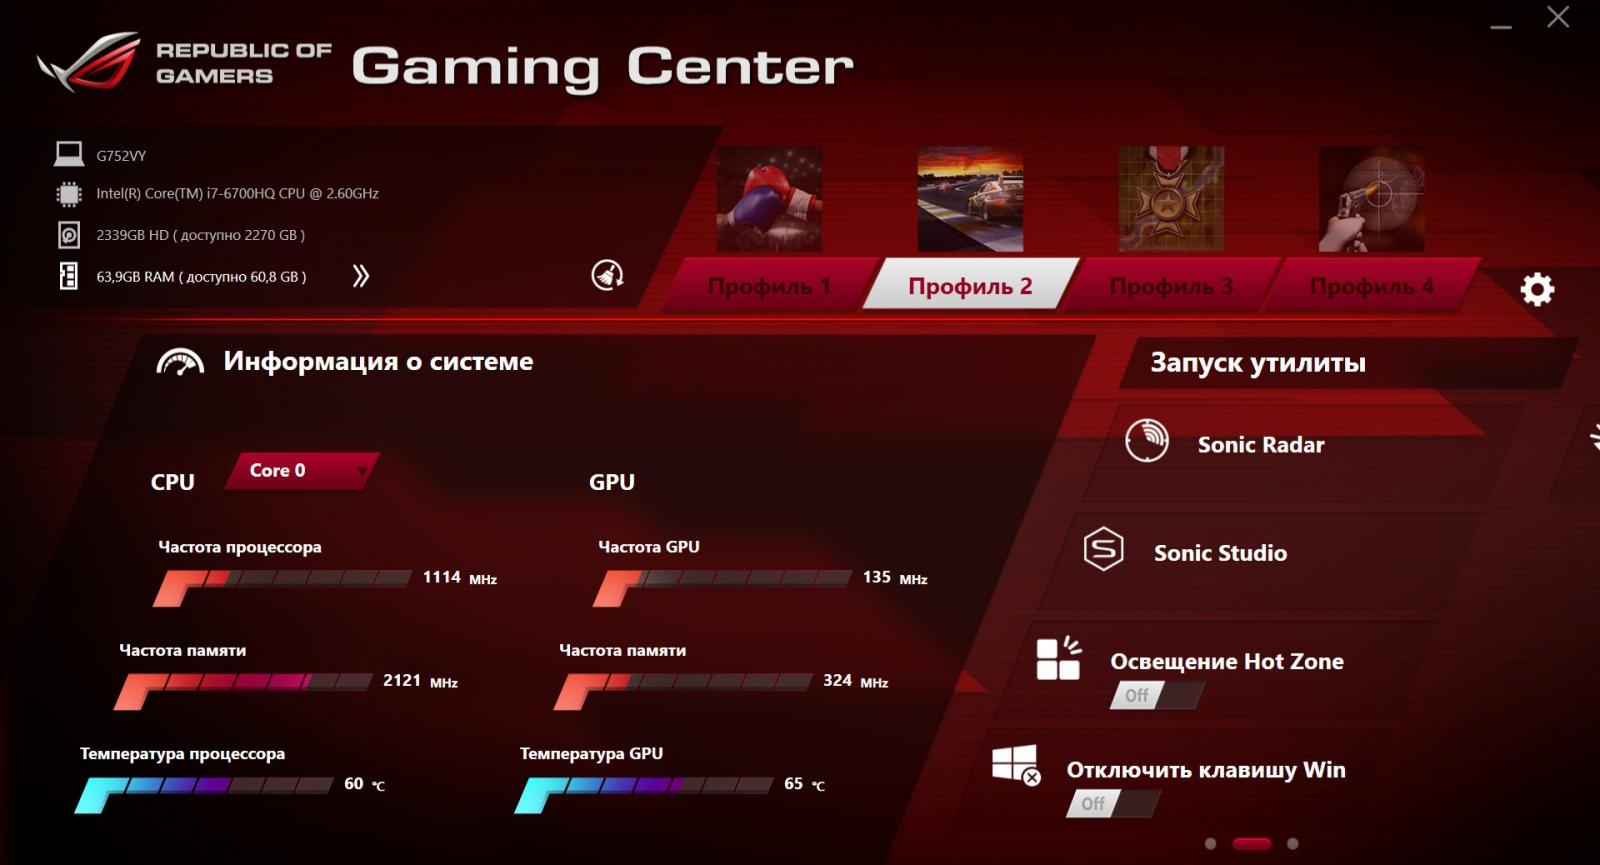 Обзор игрового ноутбука G752VY - 36